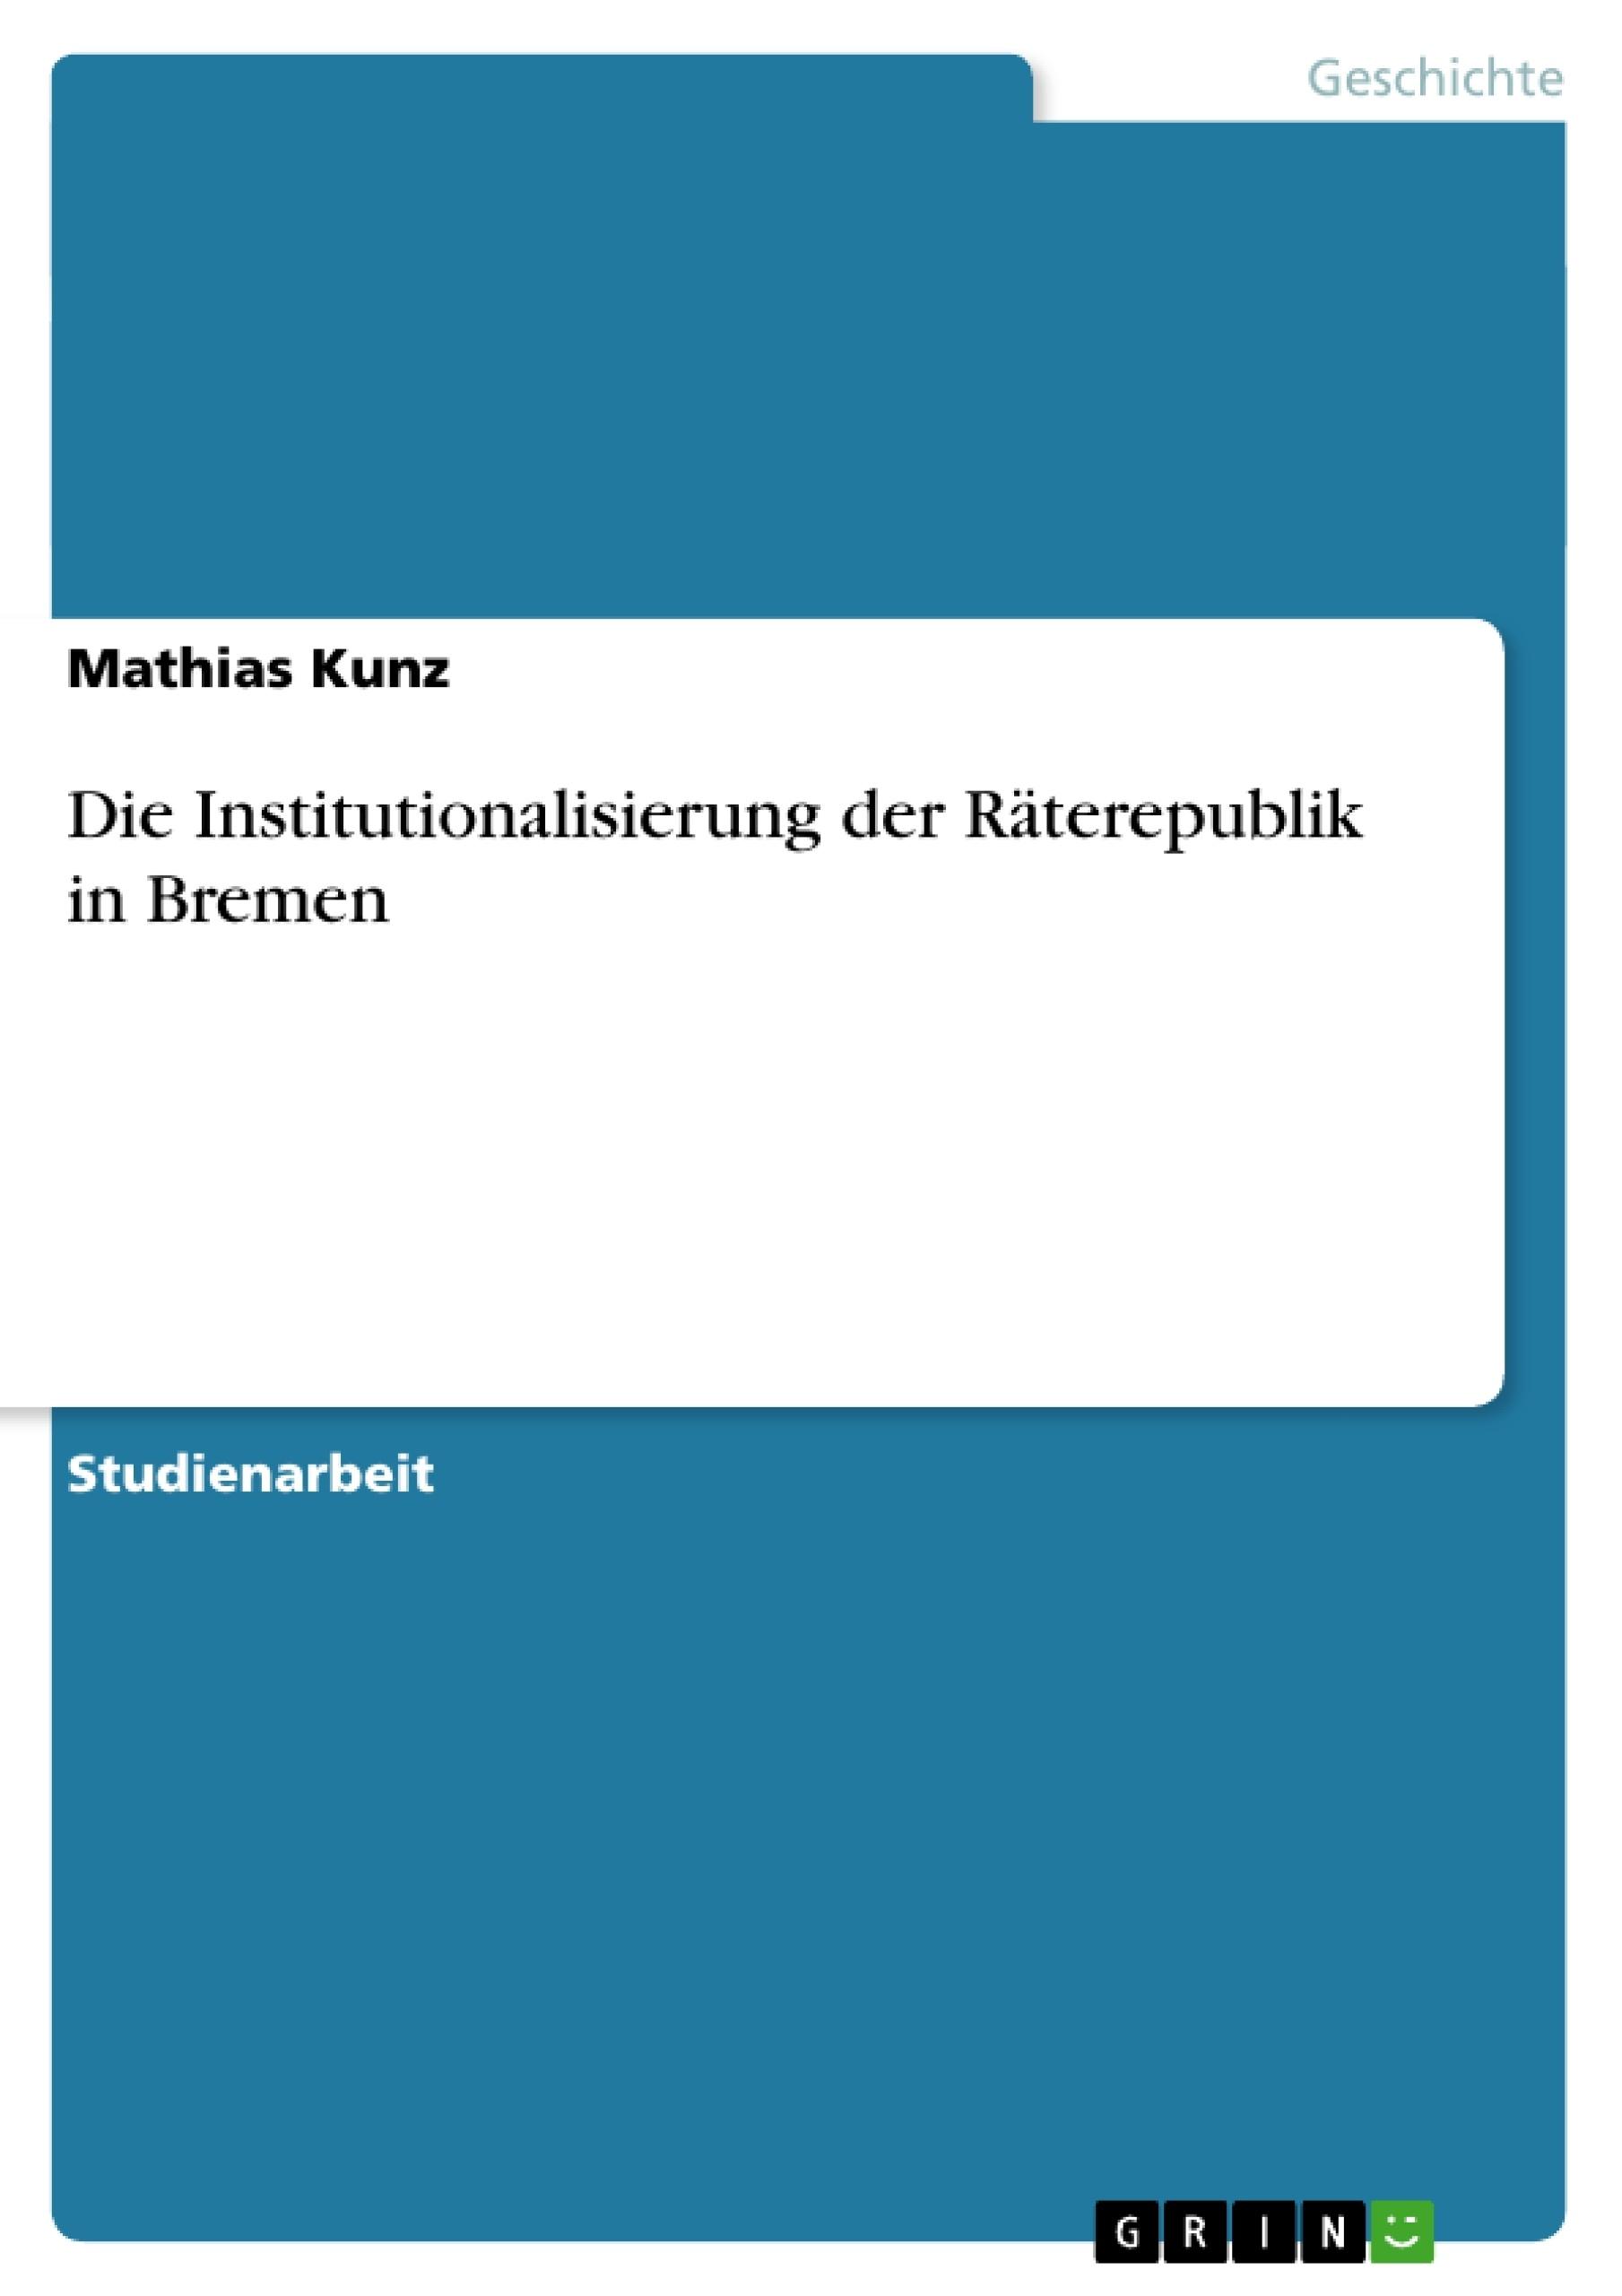 Titel: Die Institutionalisierung der Räterepublik in Bremen